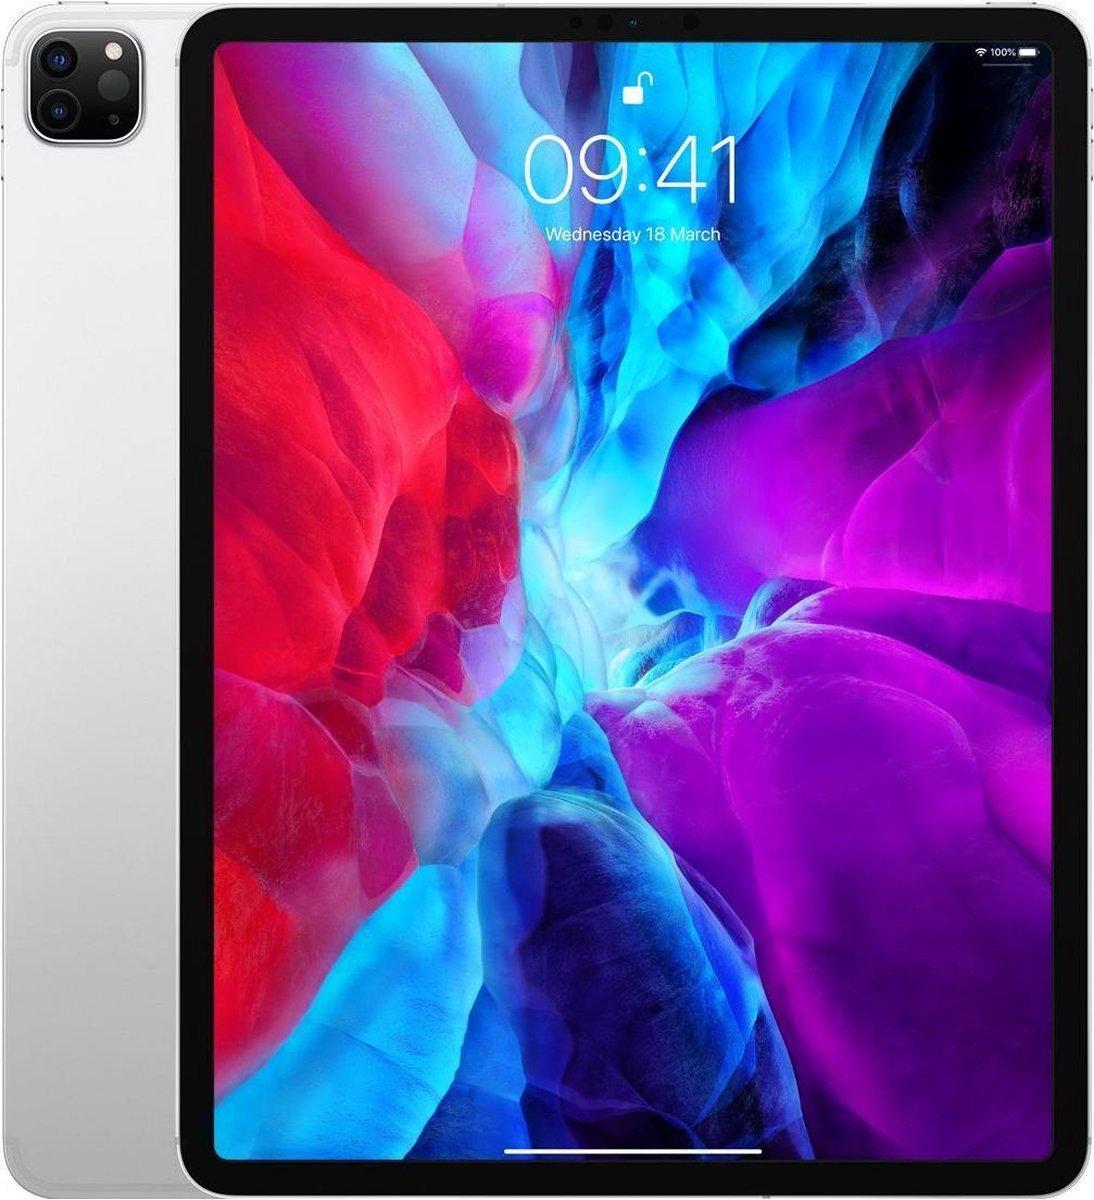 Apple iPad Pro (2020) refurbished door Adognicosto - A Grade (zo goed als nieuw) - 12.9 inch - WiFi/4G - 256GB - Zilver